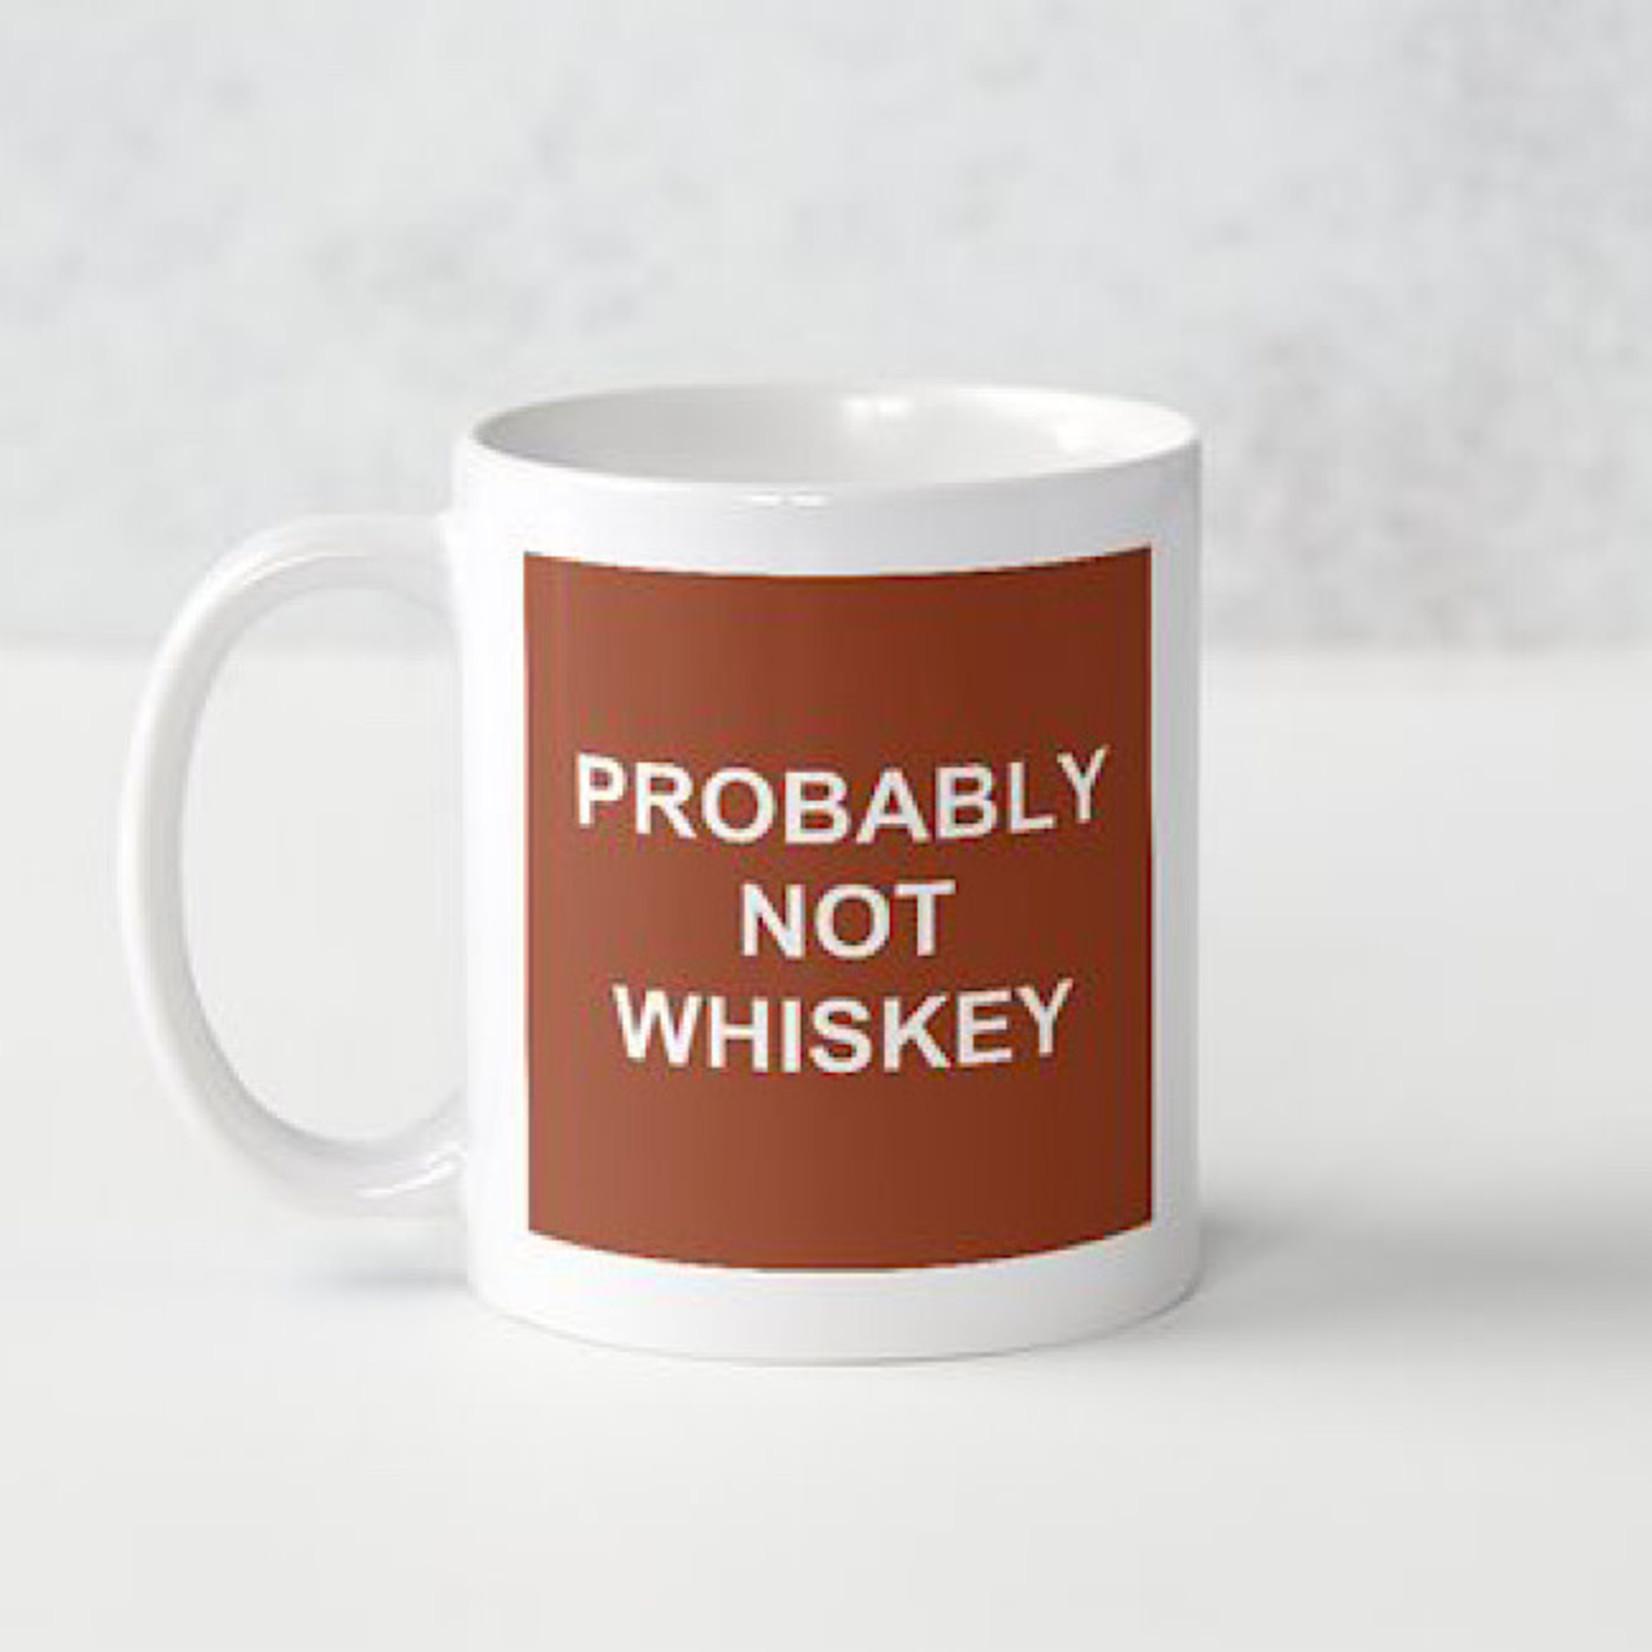 Bad Annie's Mug - Probably Not Whiskey